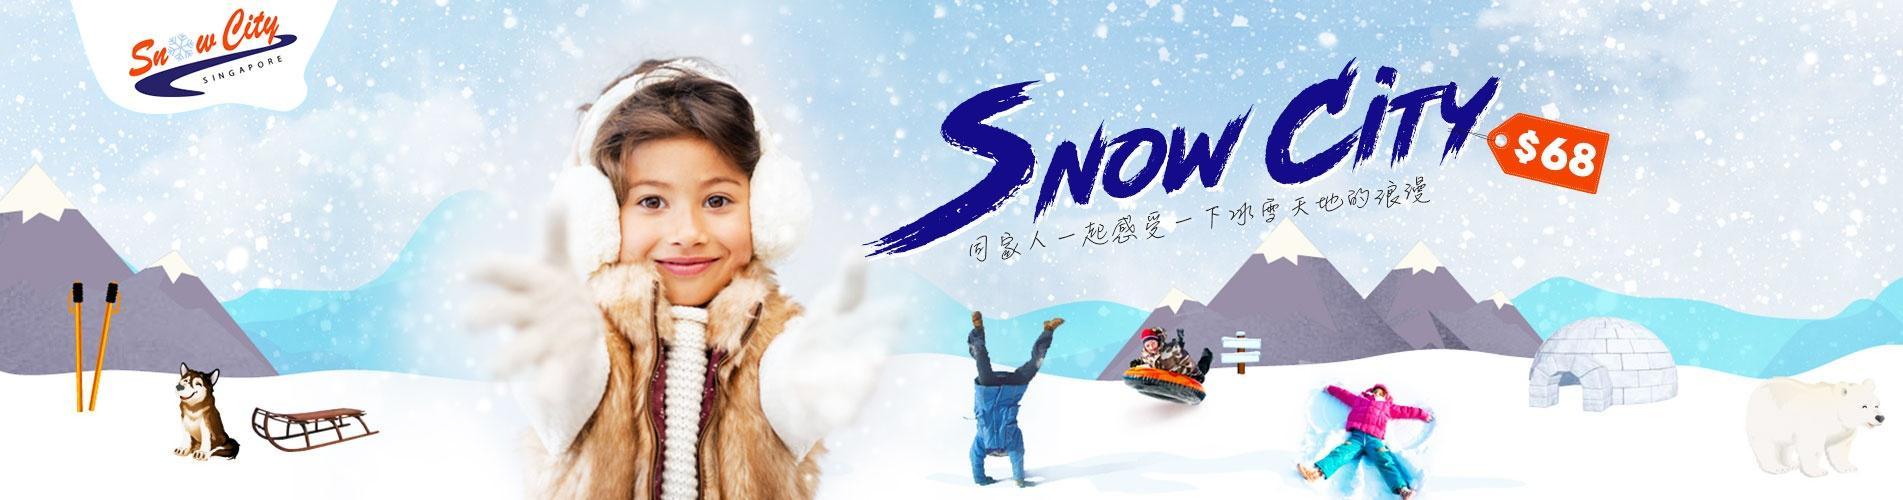 新加坡雪城 Snow City 門票